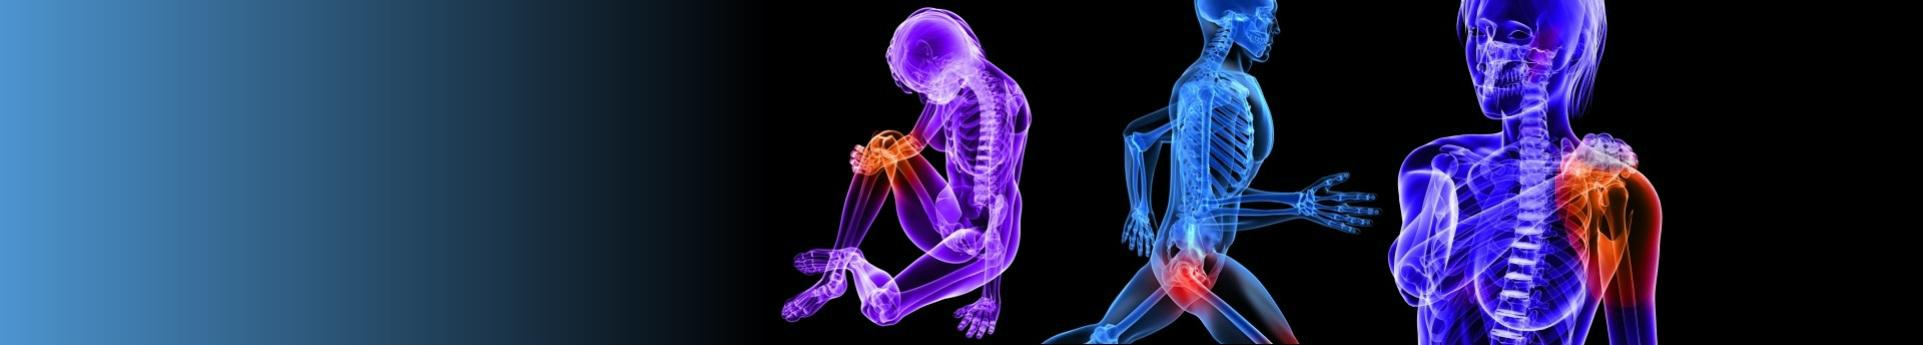 Sporting-Injuries